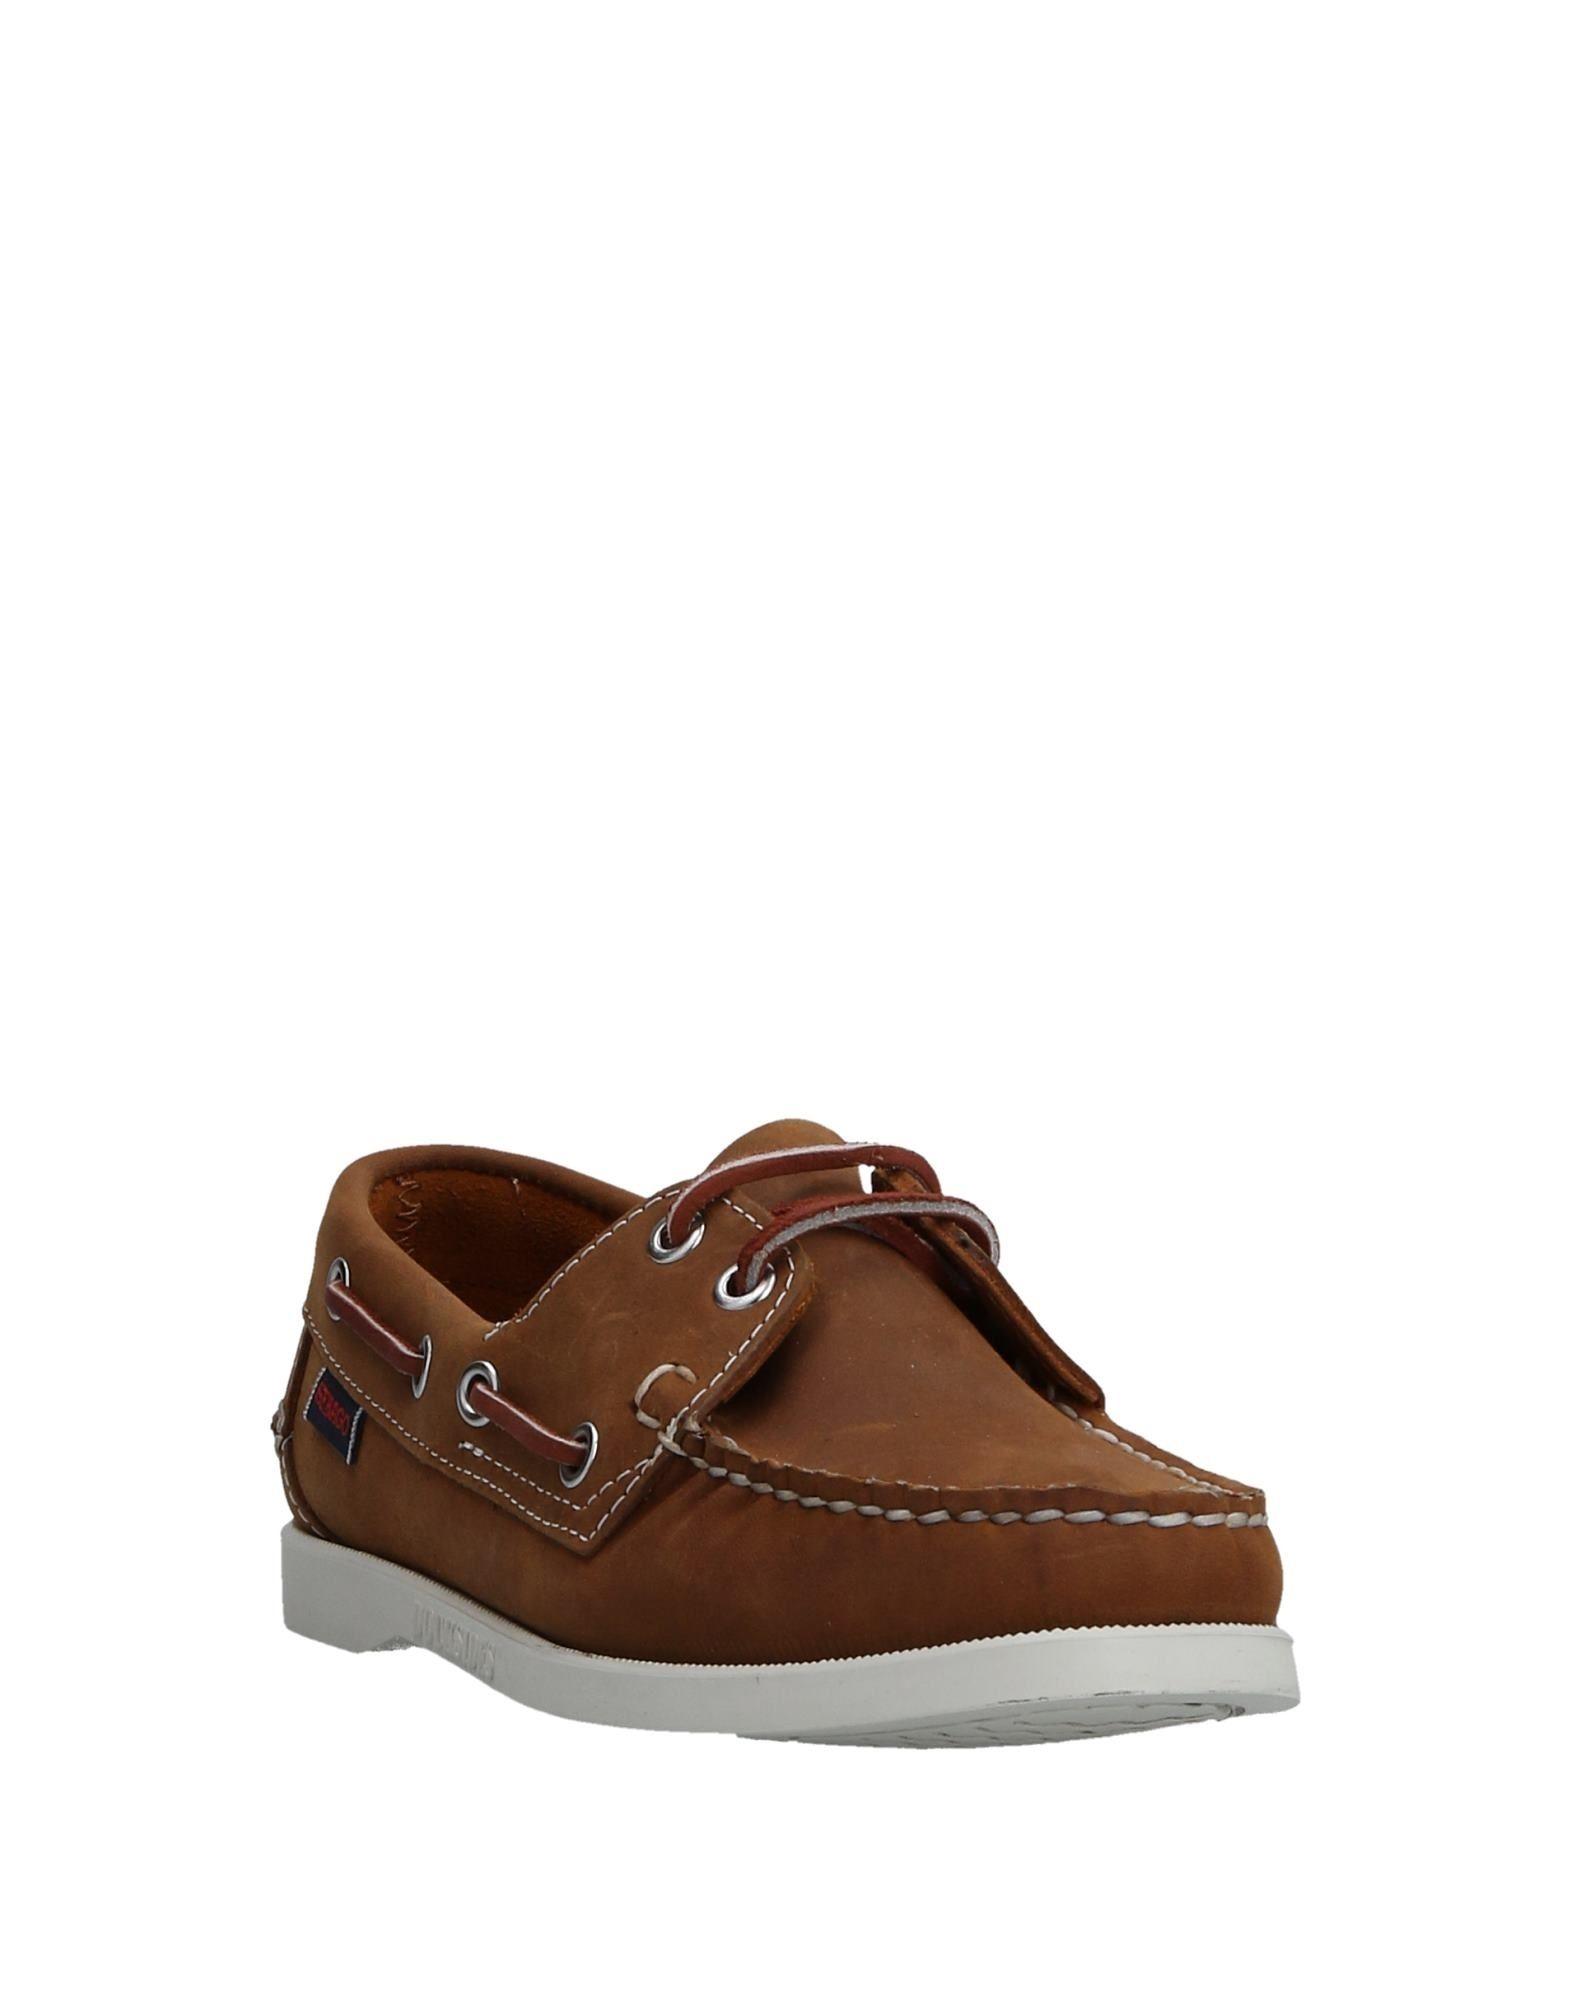 Sebago Docksides Mokassins Damen Damen Damen  11532620EE Gute Qualität beliebte Schuhe 4f9ba0